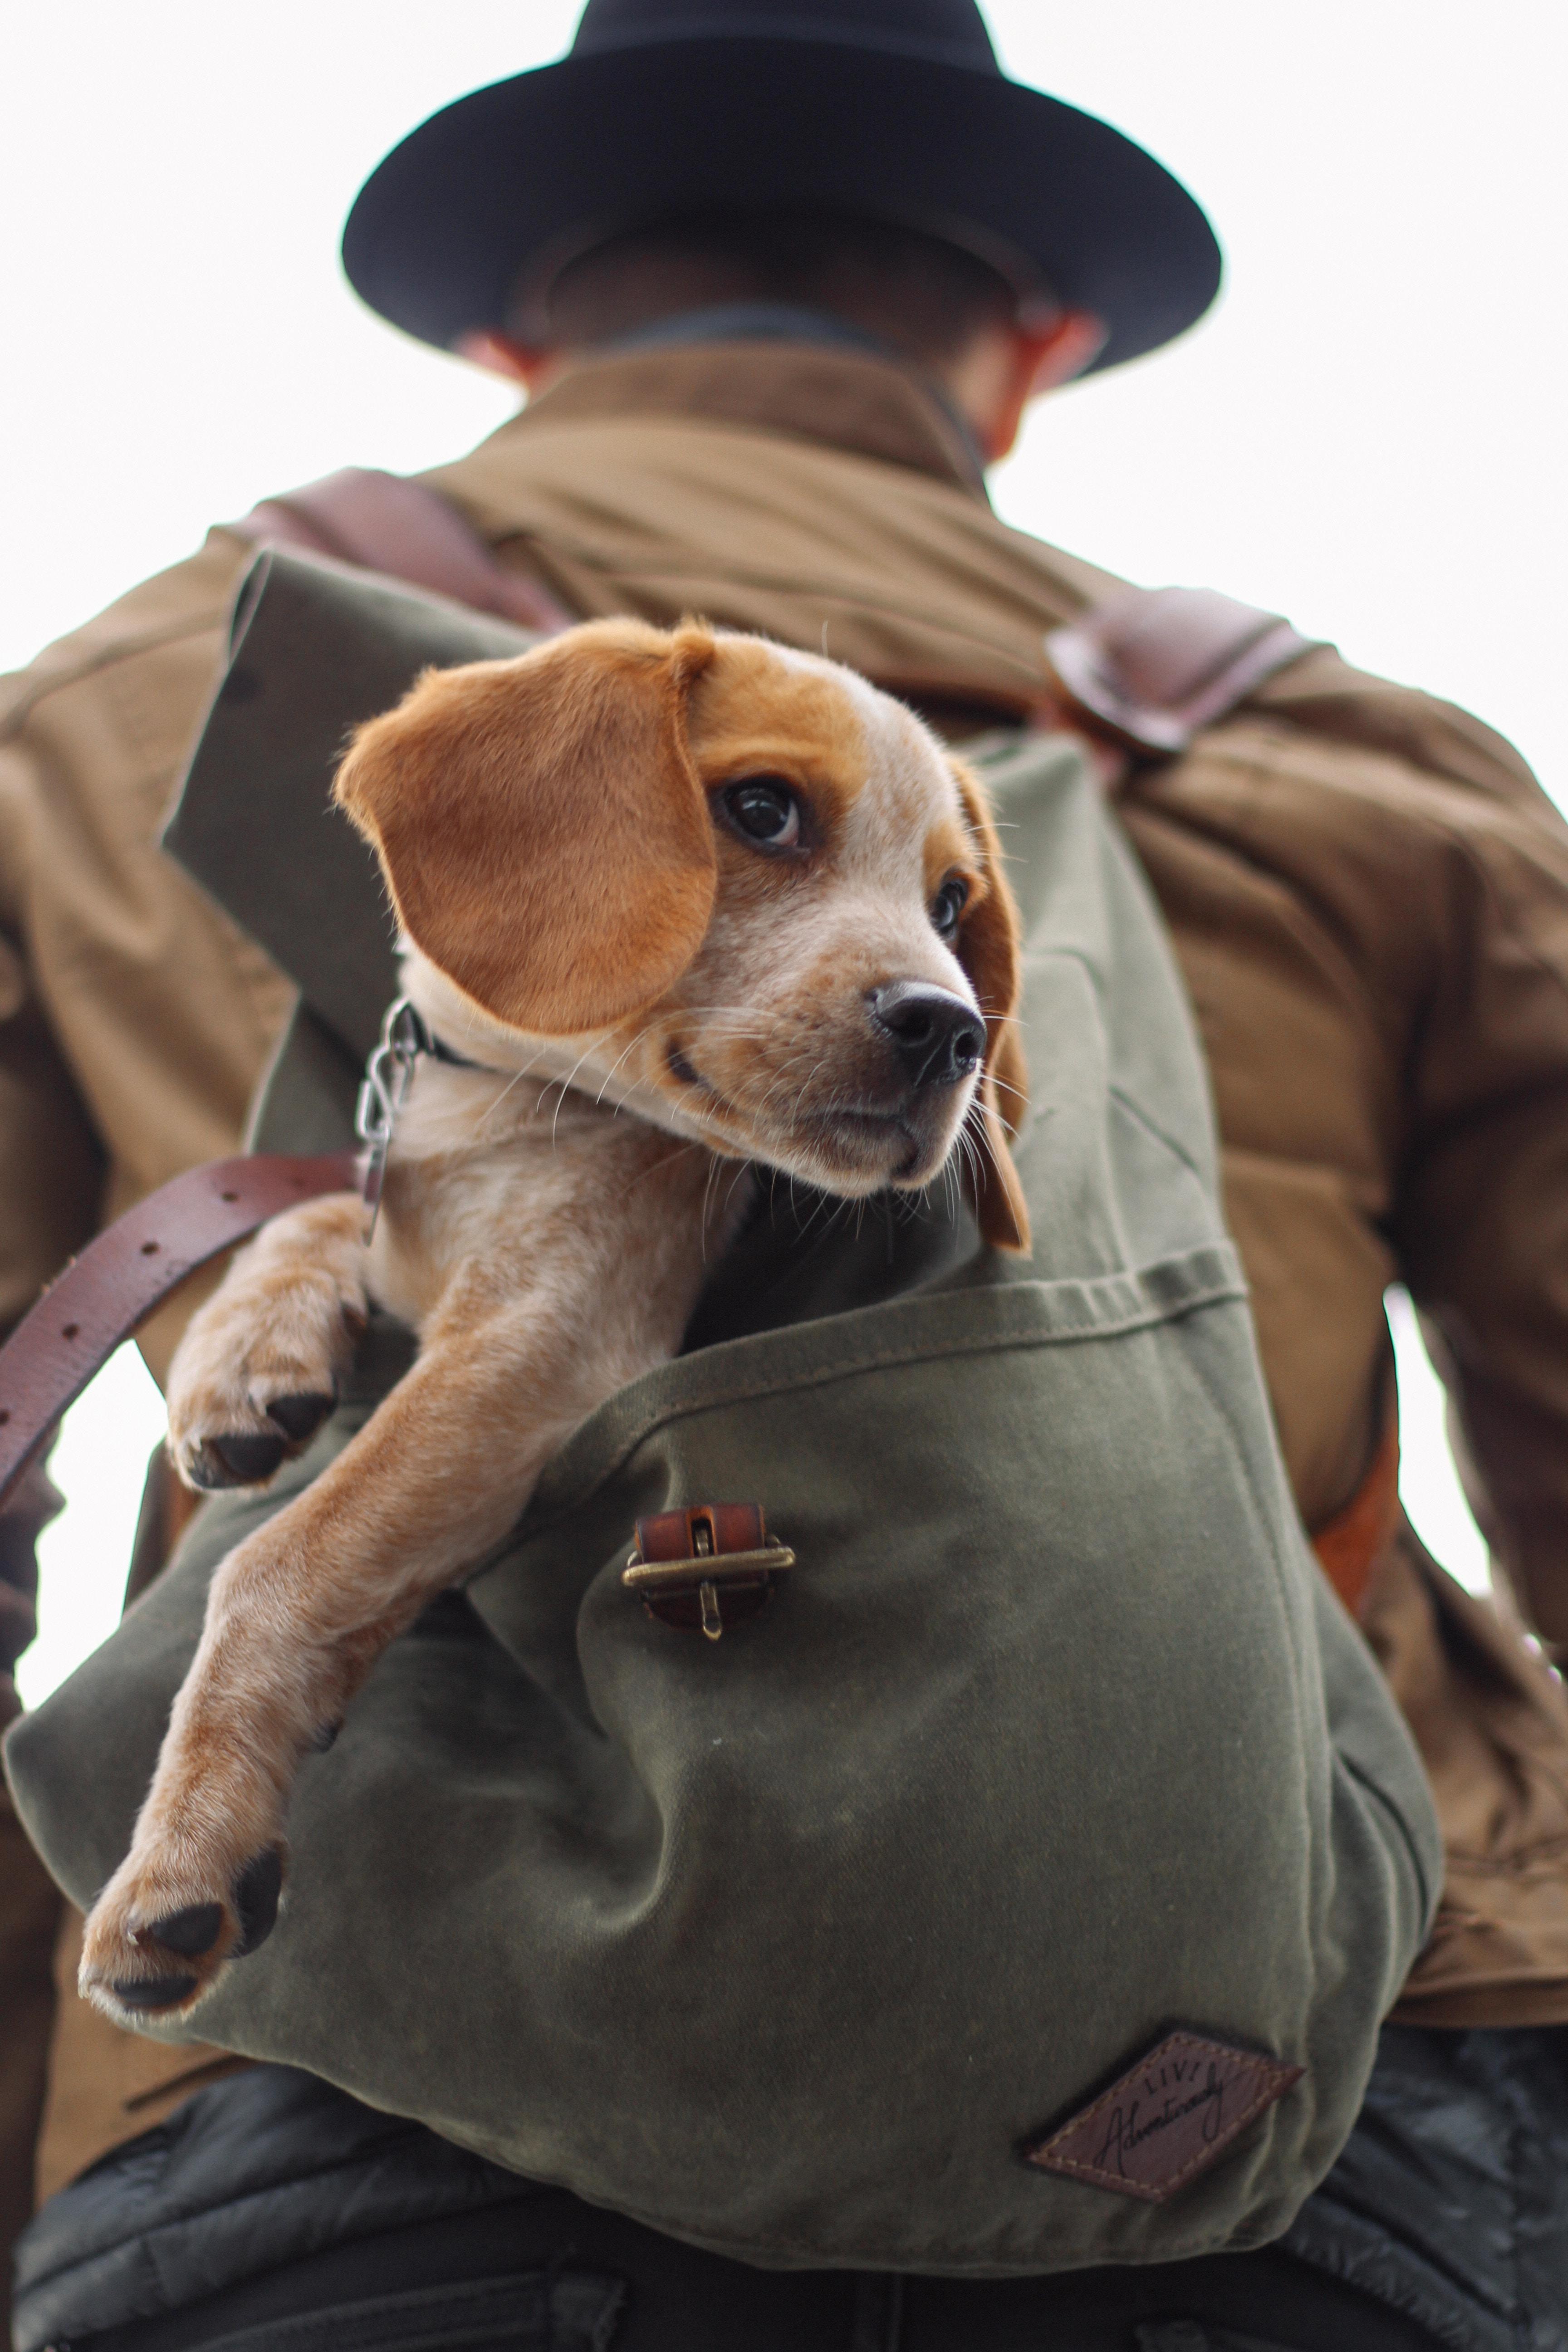 Viaggiare con il proprio animale, vero e proprio compagno di vita